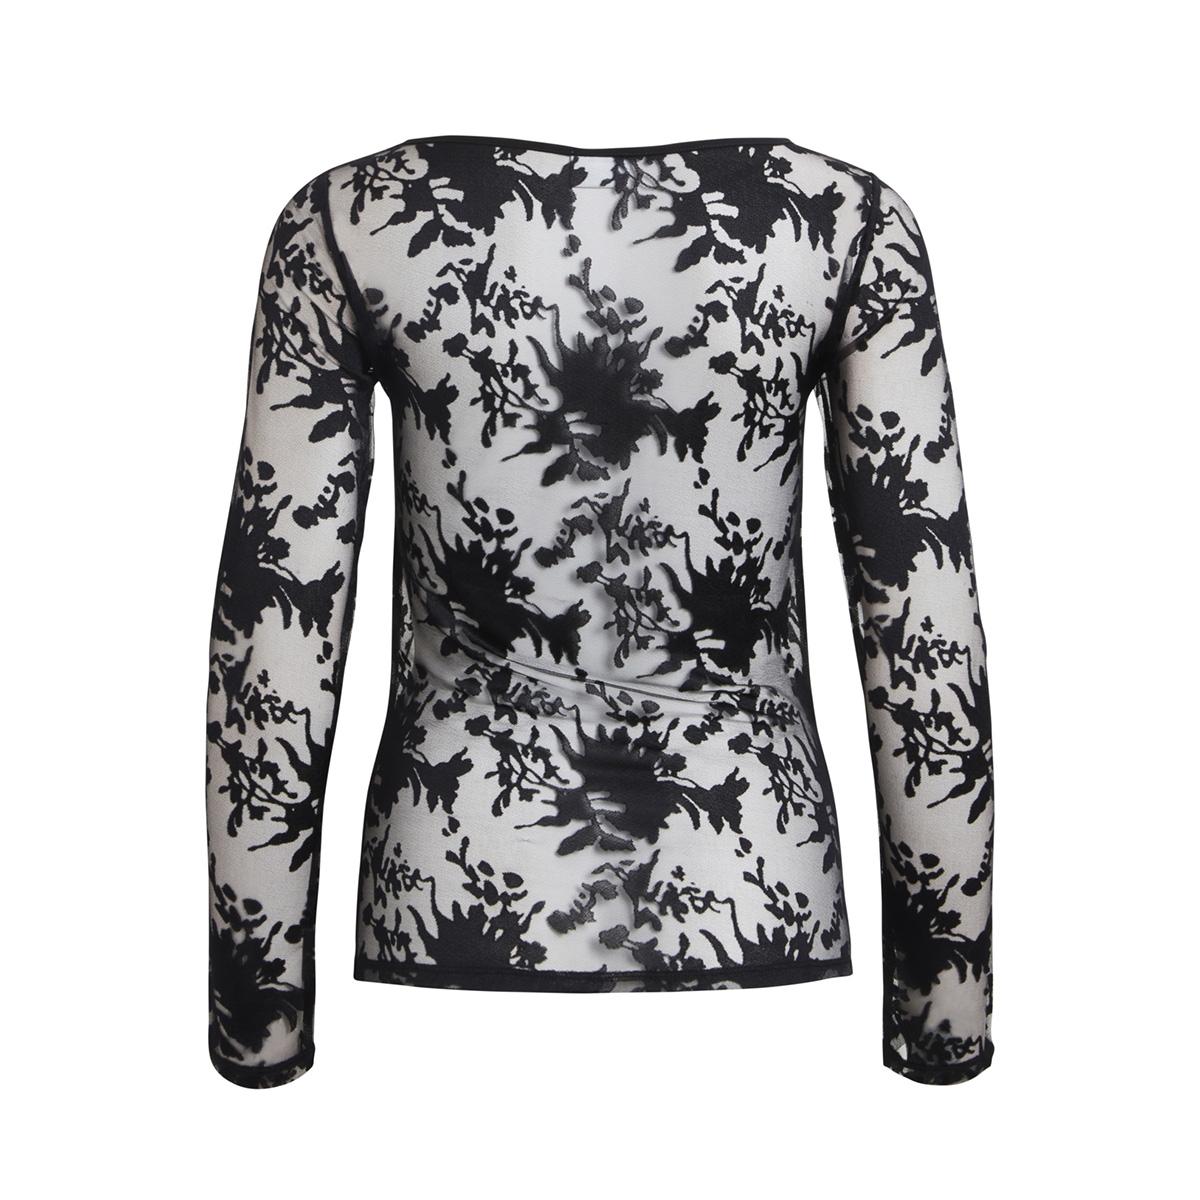 vitur top 14045139 vila t-shirt black